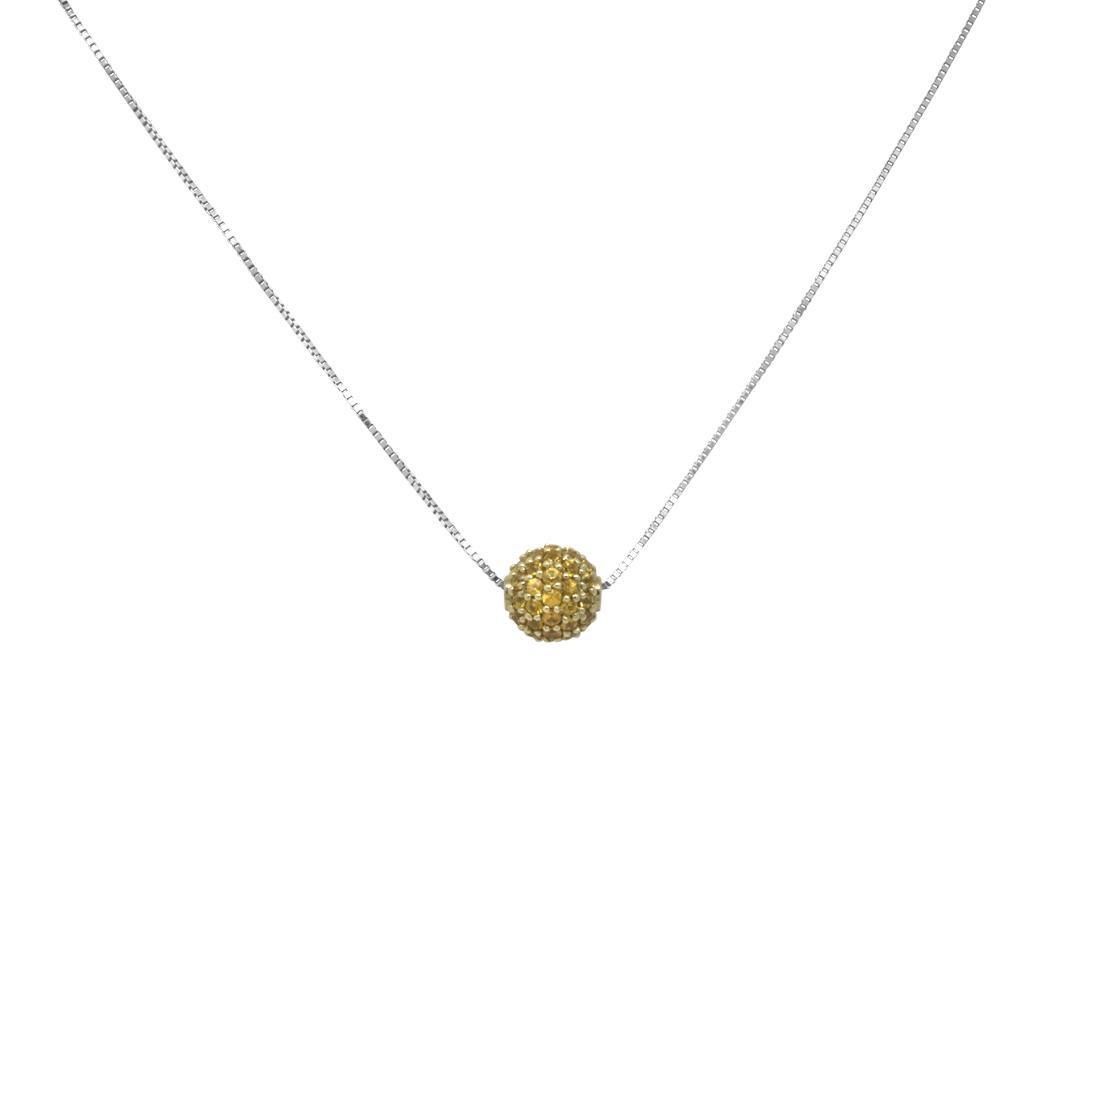 Collier in oro bianco con pendente sfera in zaffiri orange - ROBERTO DEMEGLIO